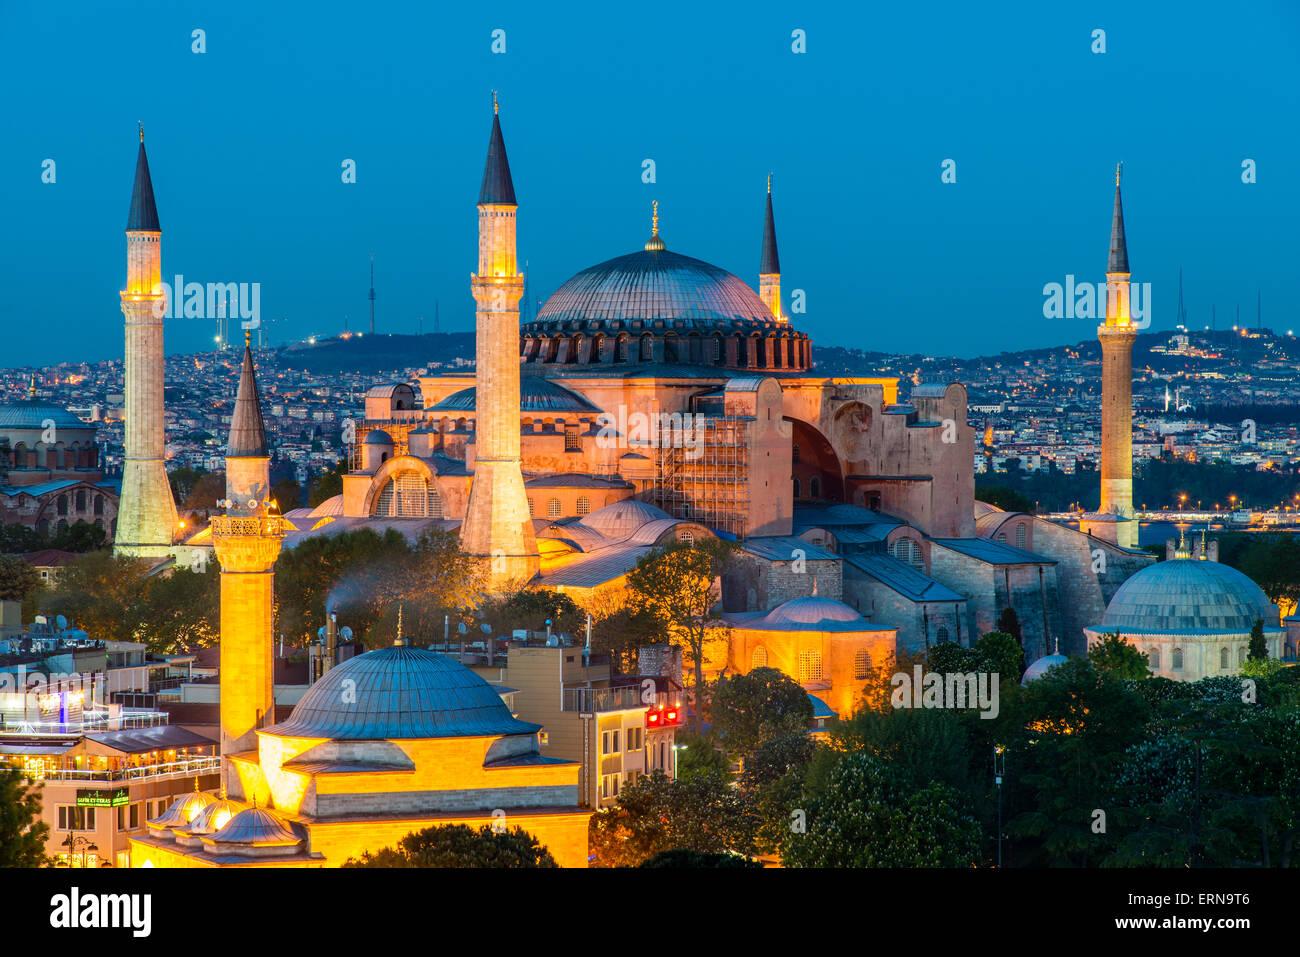 Draufsicht der Nacht über die Hagia Sophia, Sultanahmet, Istanbul, Türkei Stockbild